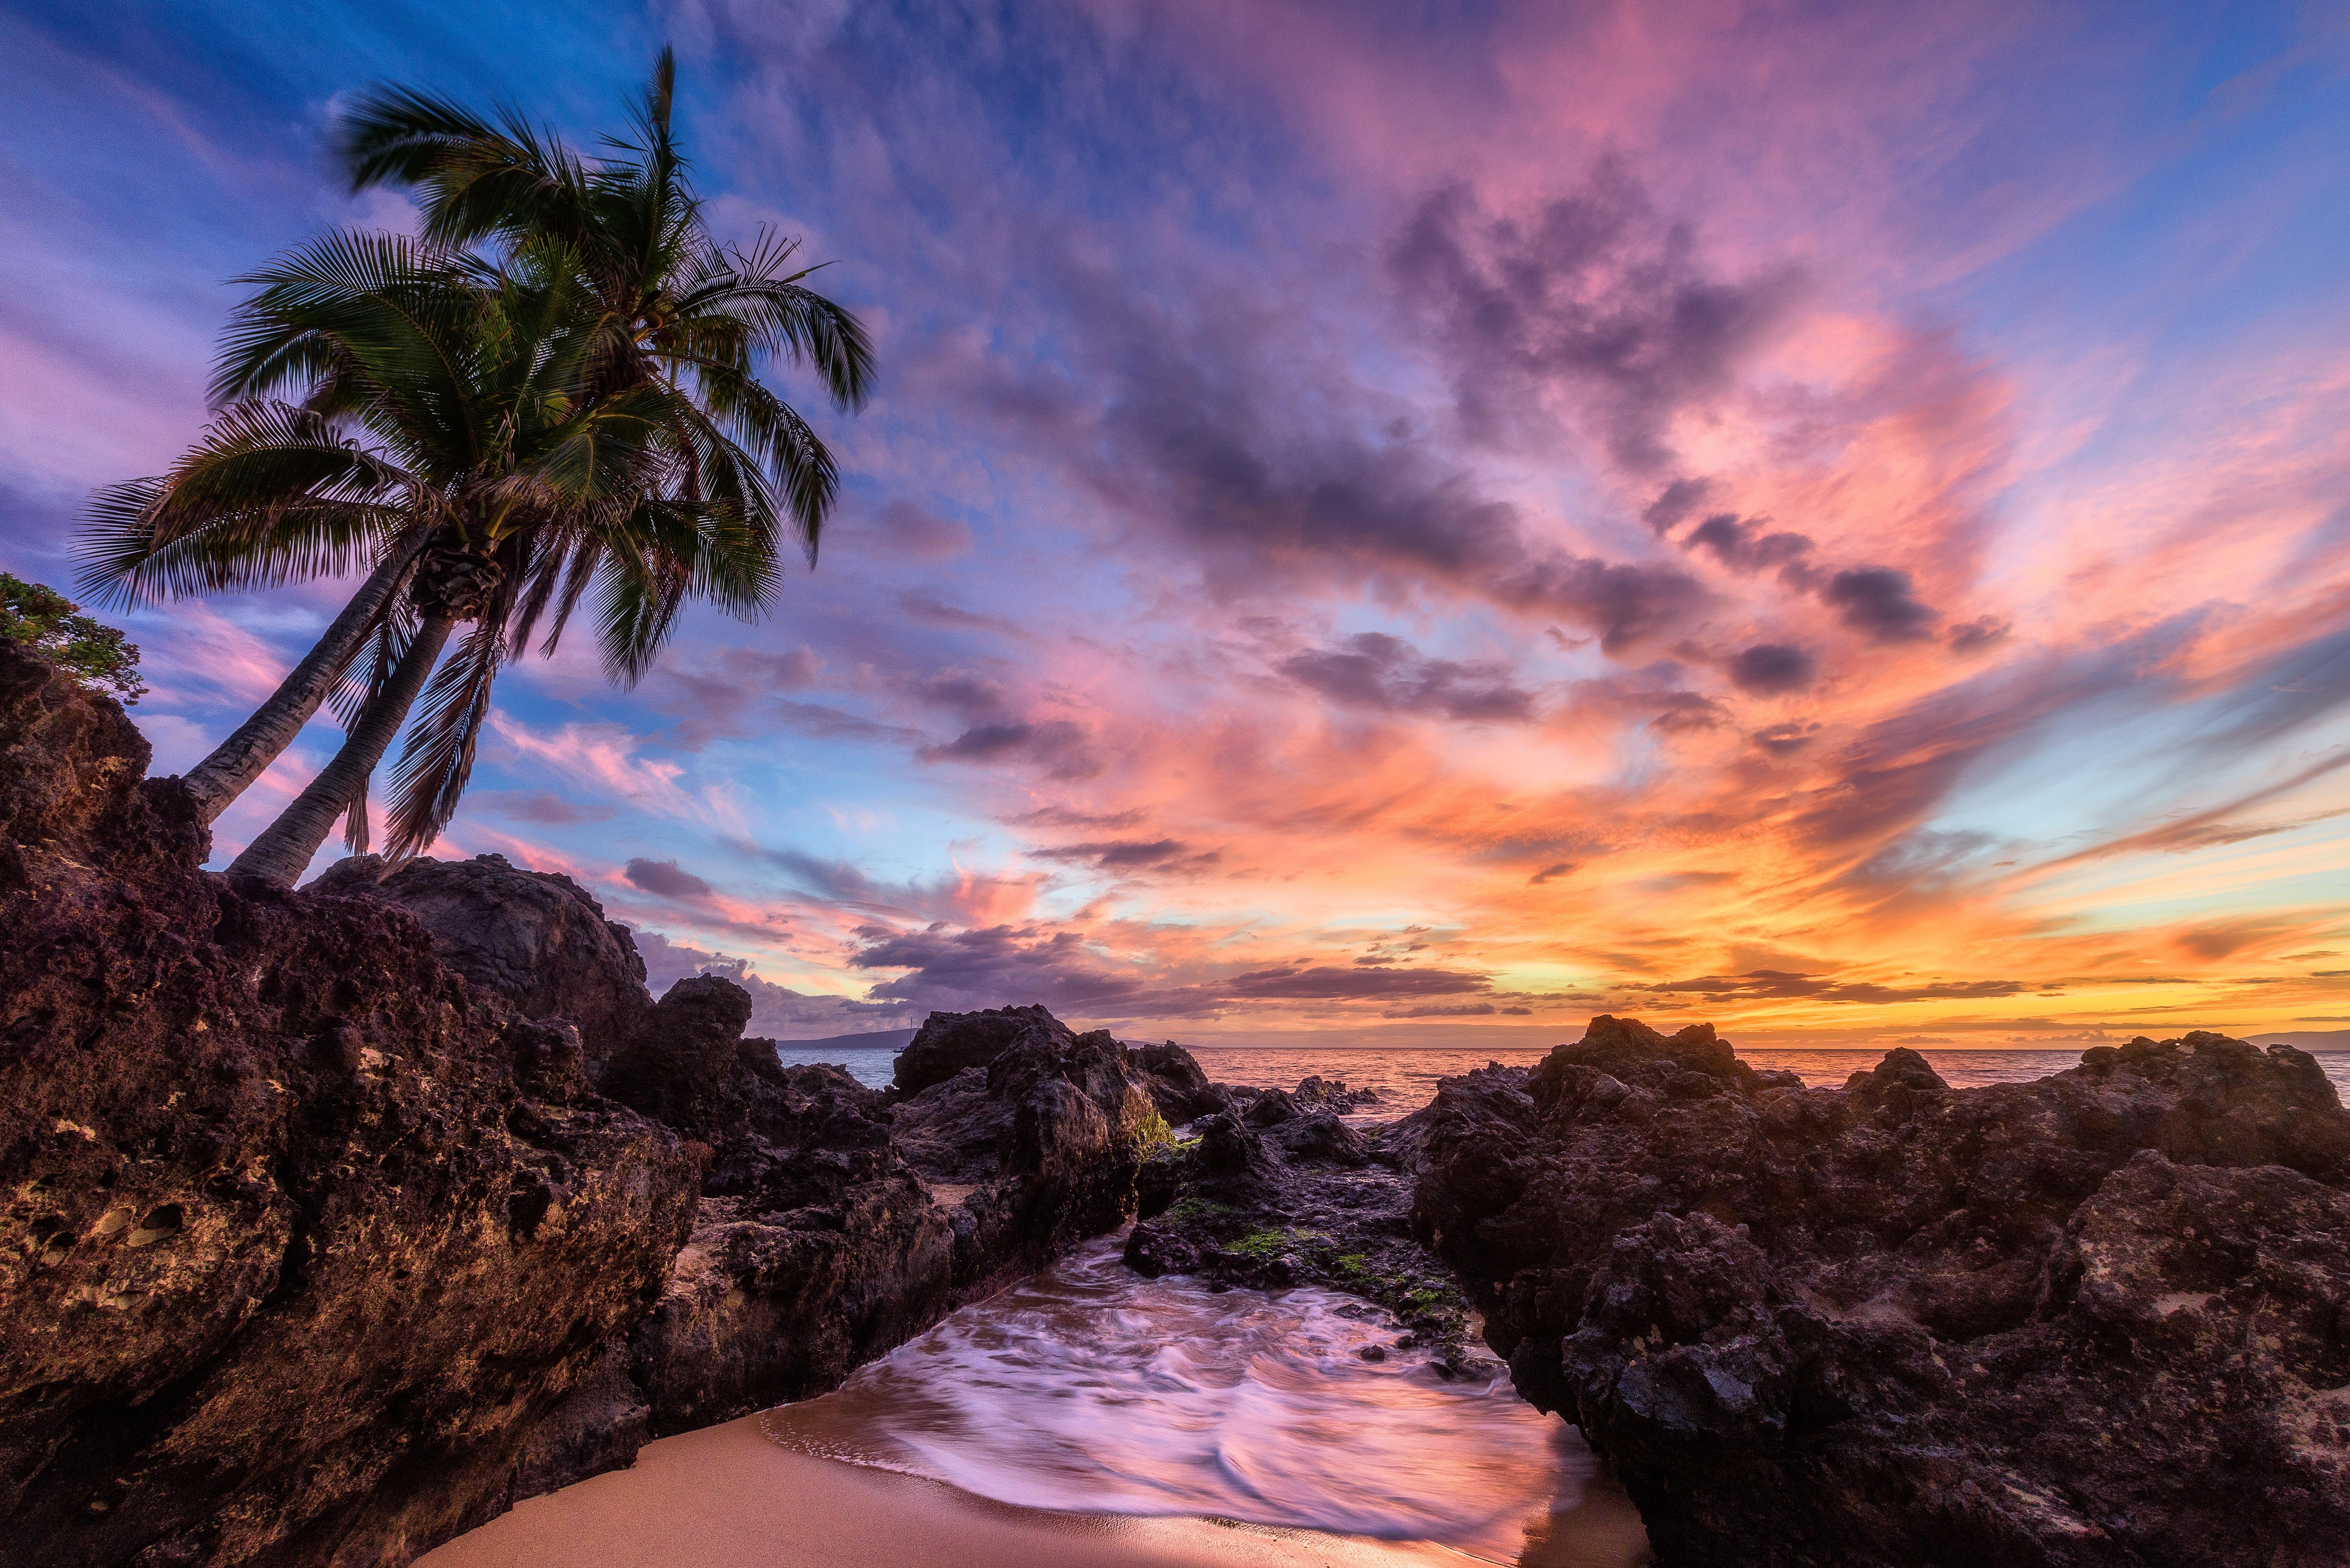 обои закат, море, пальмы, пейзаж картинки фото